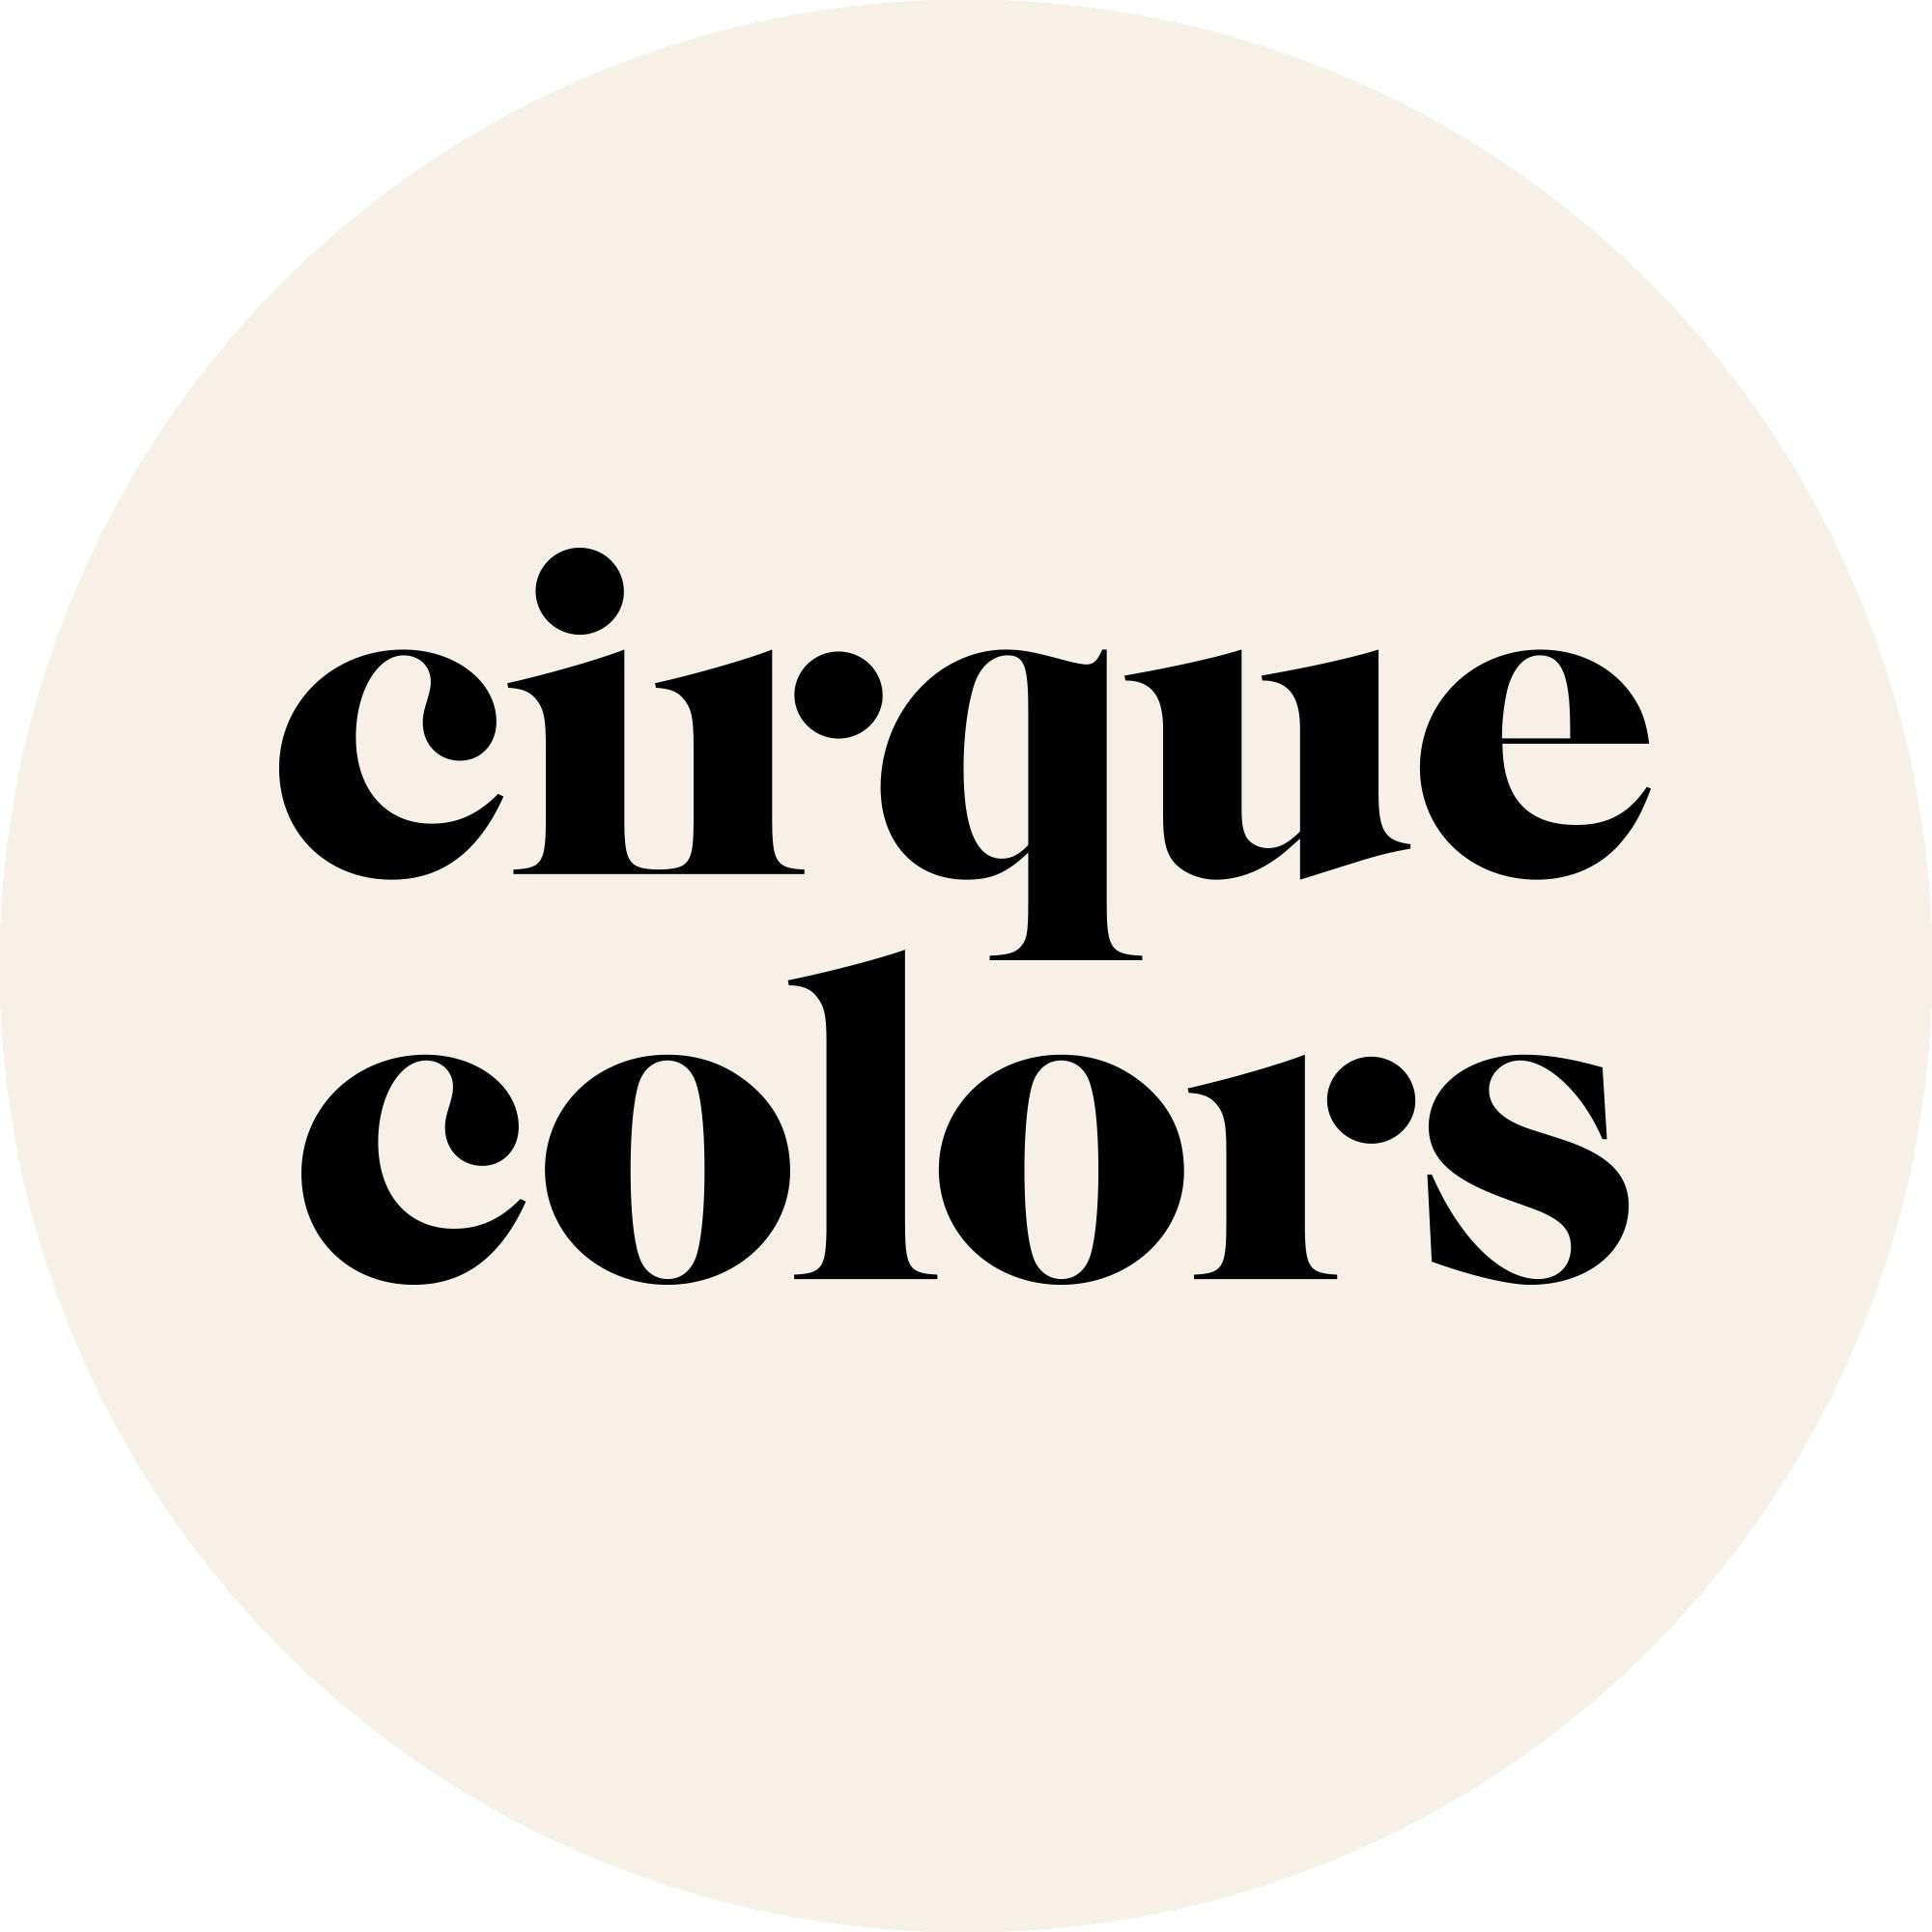 Cirque Colors's logo